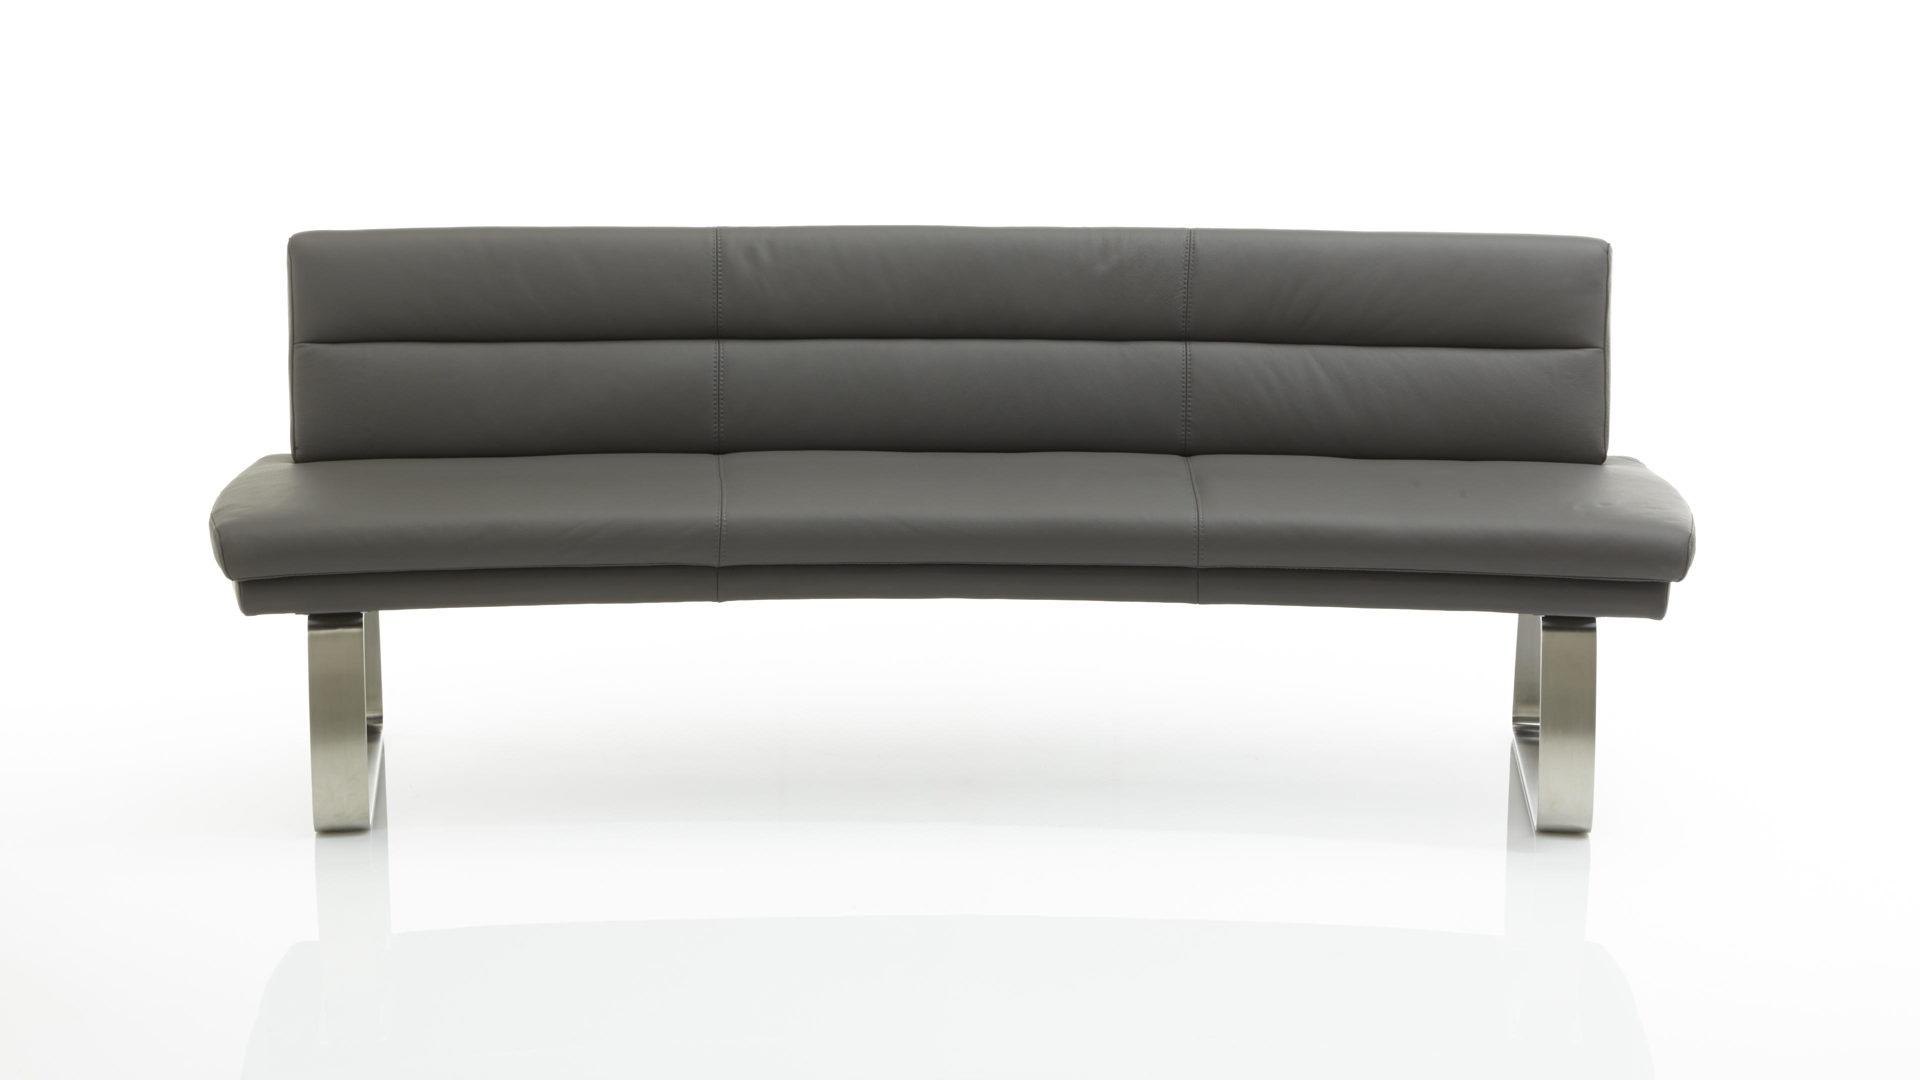 Moderne polstermöbel leder  Möbel Bernskötter Mülheim | Räume | Esszimmer | Stühle + Bänke ...